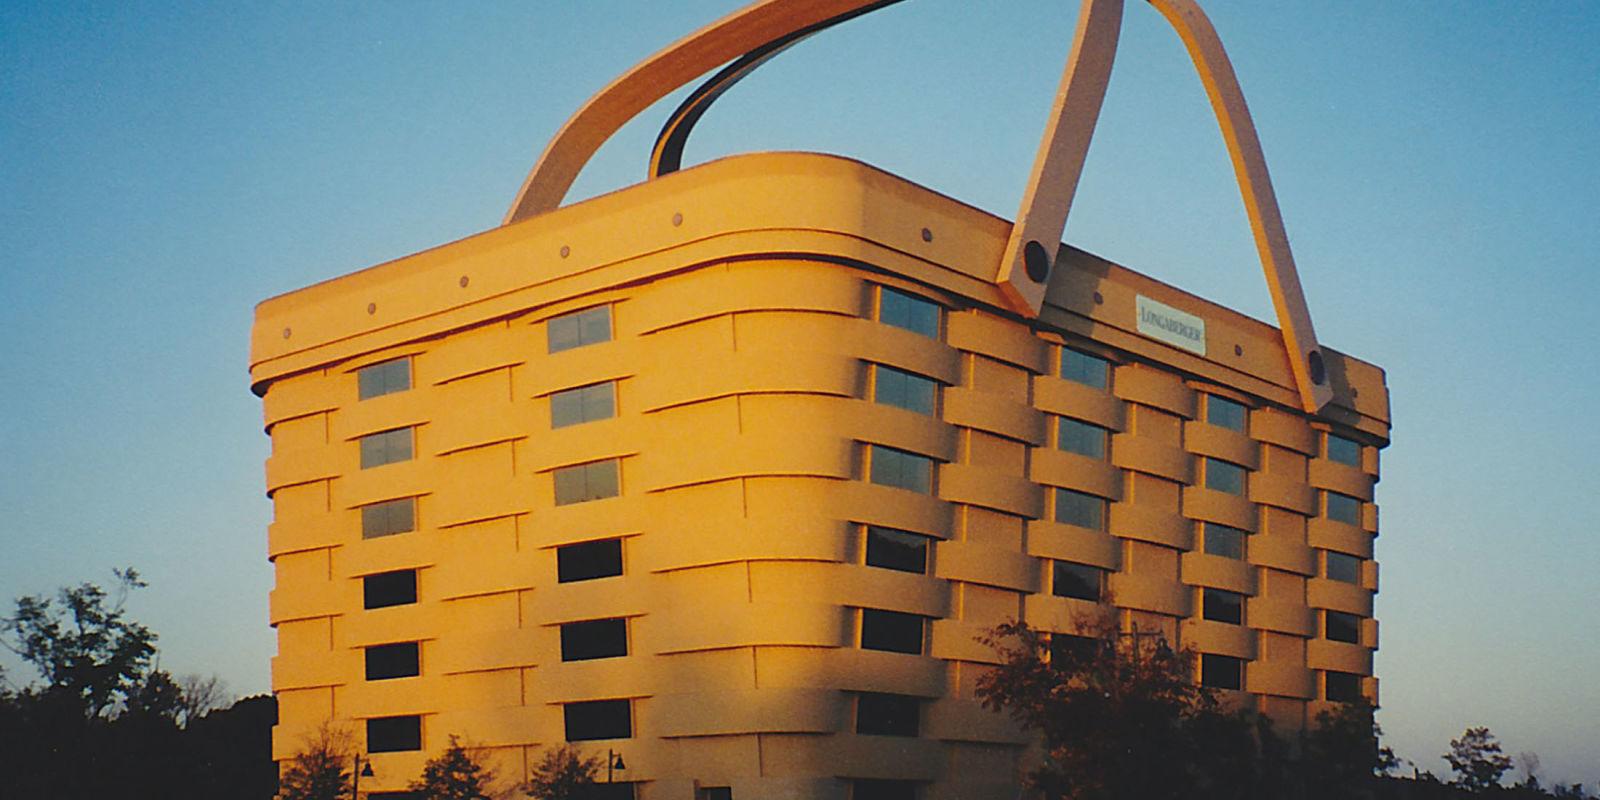 the longaberger basket building just sold for  6 million